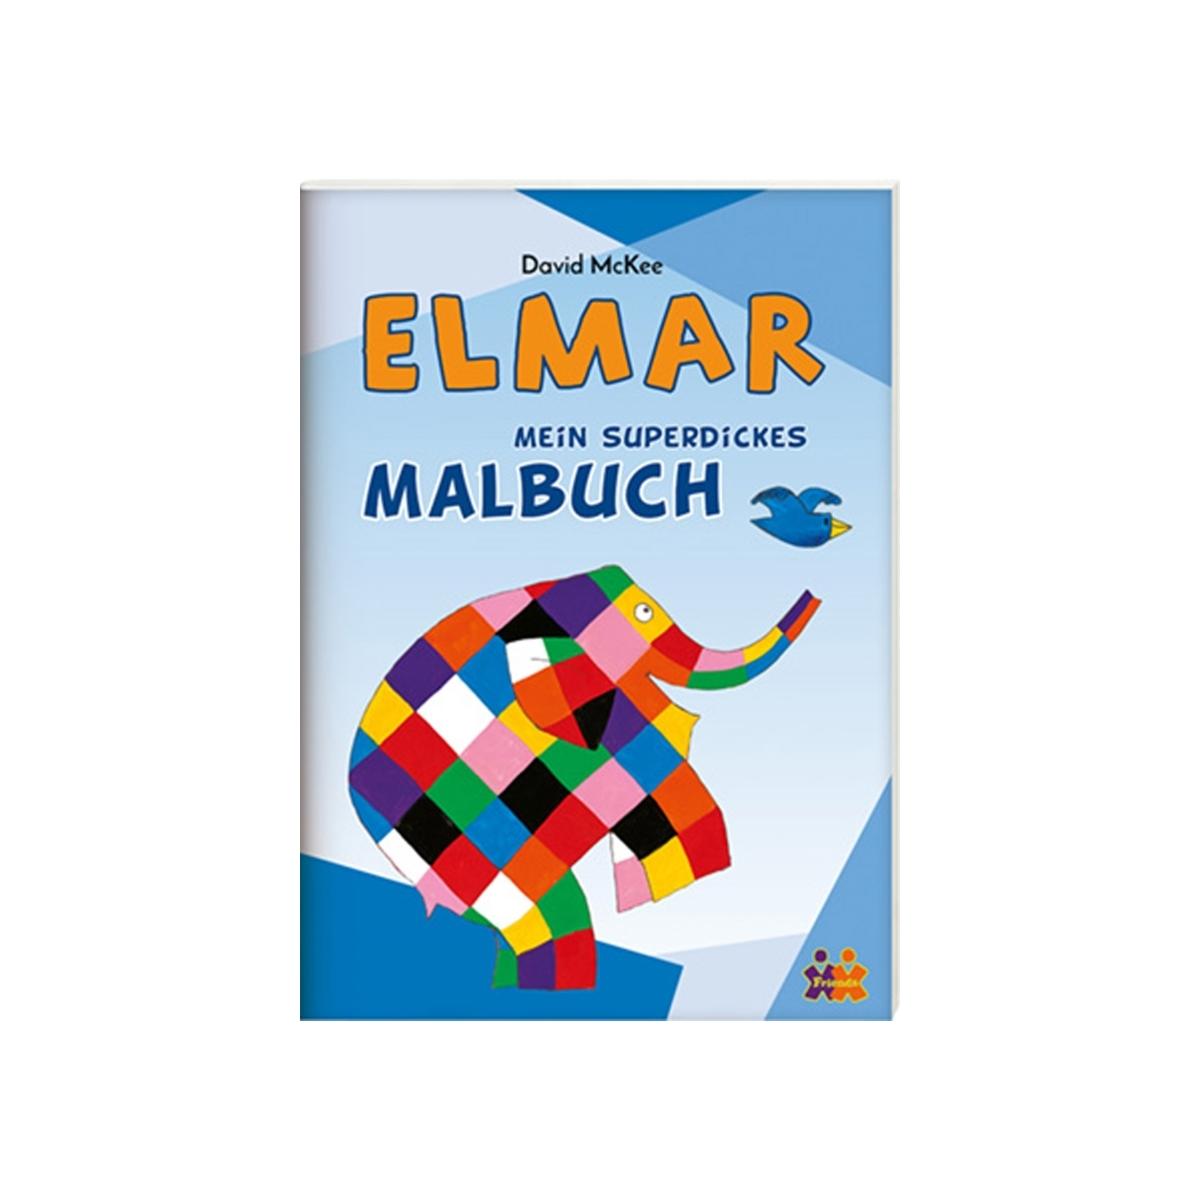 MUKK® Spielwaren Münster - Elmar - Mein superdickes Malbuch - Kids ...